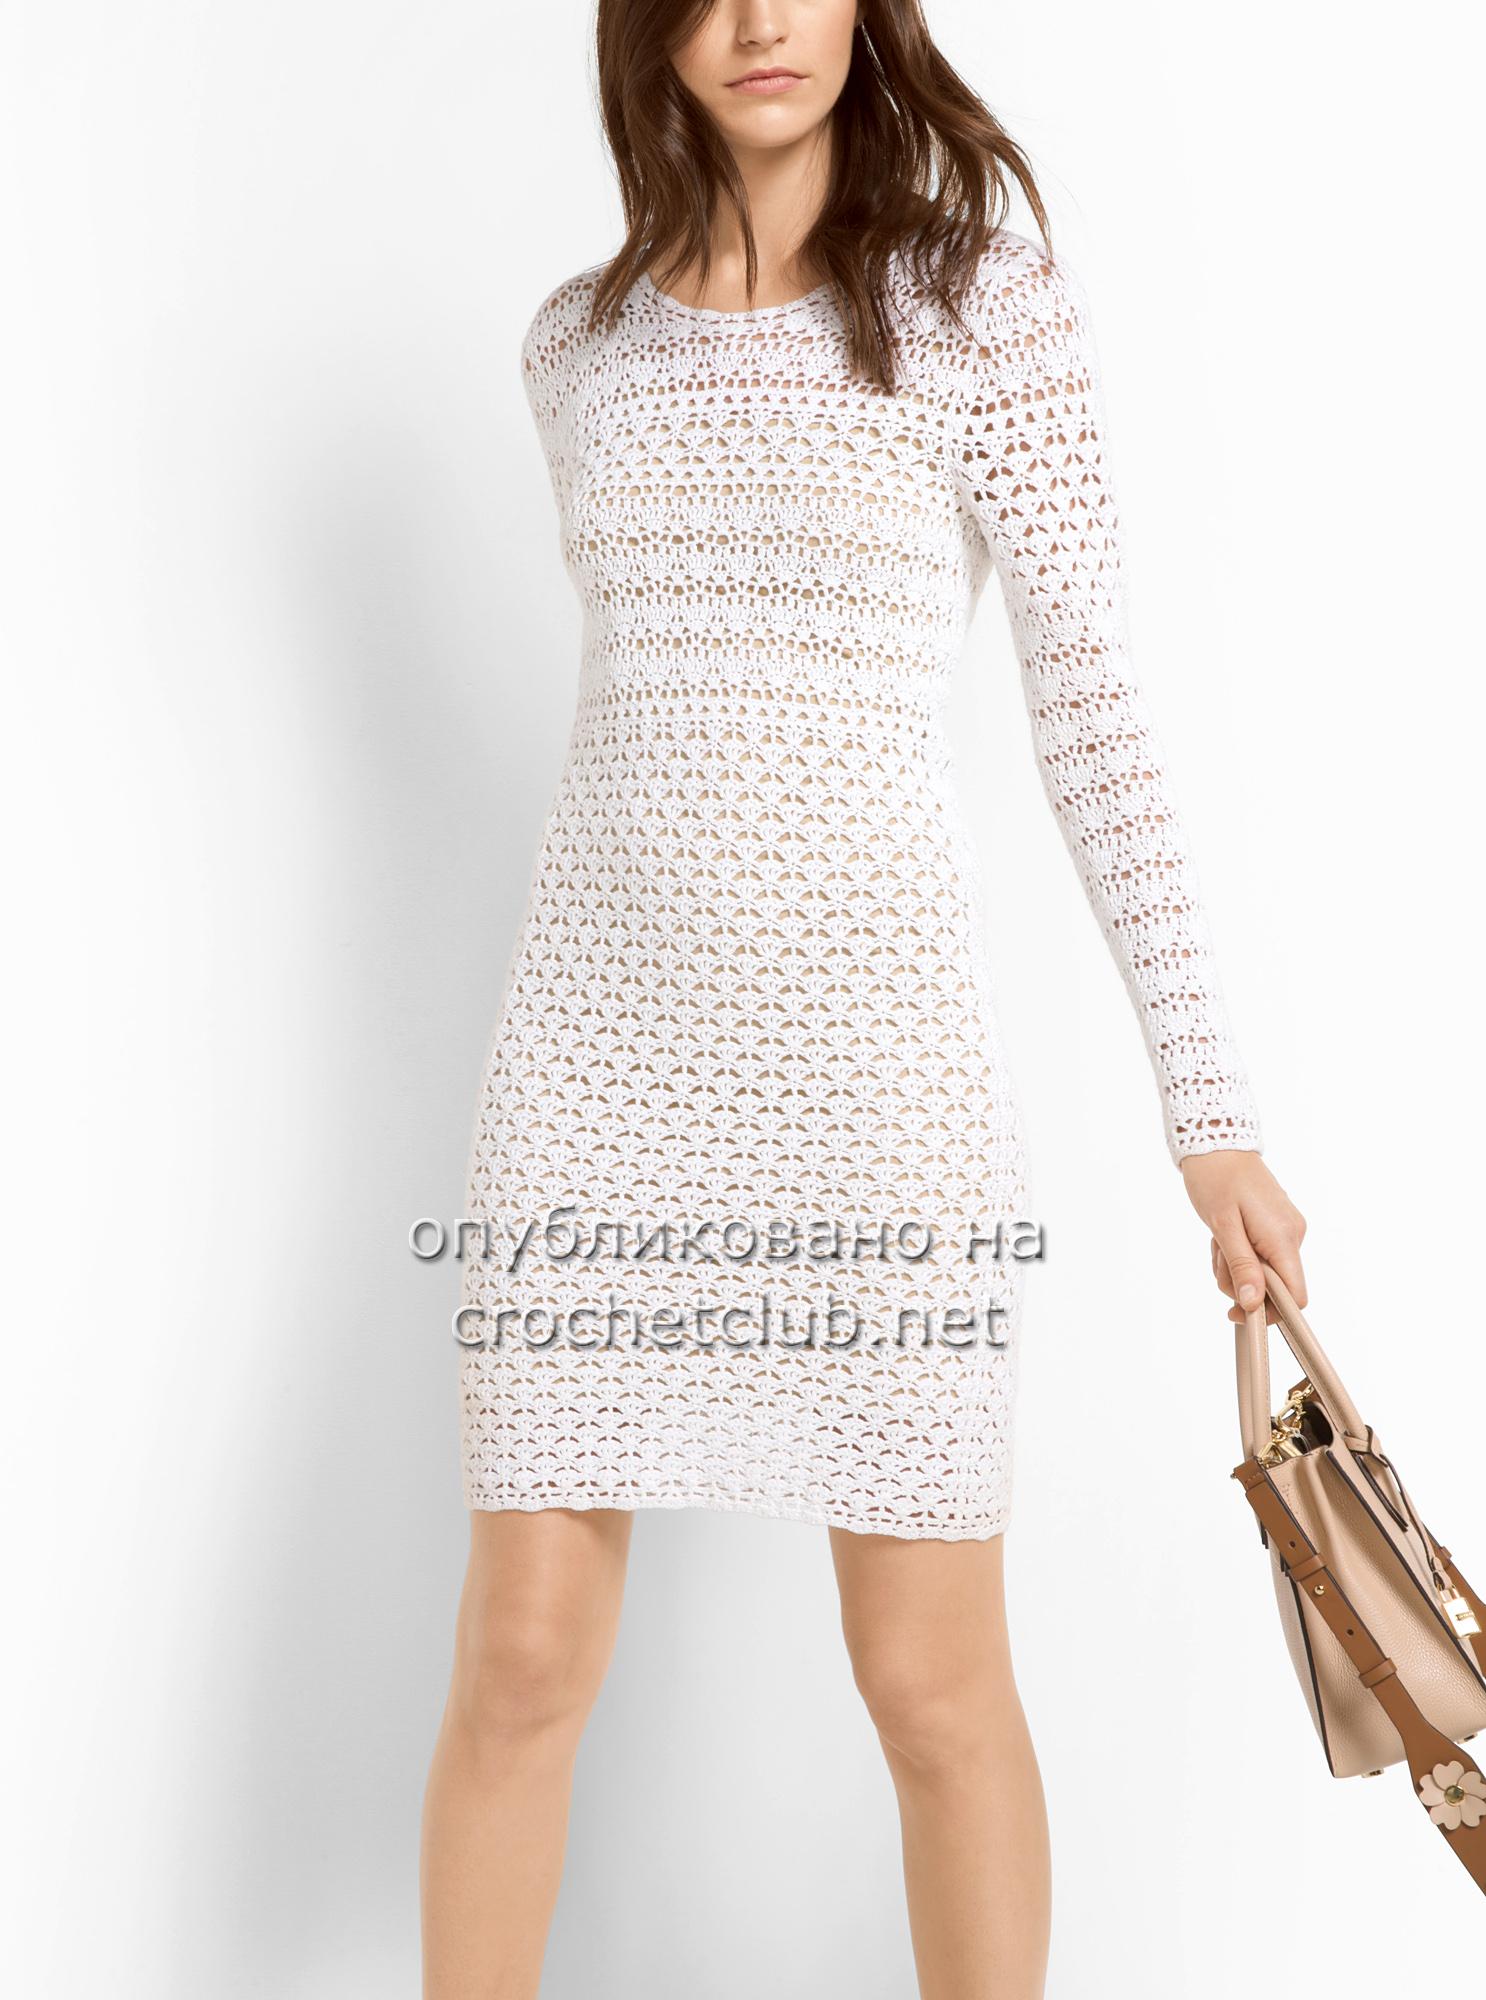 Платье крючком - Вязание Крючком. Блог Настика